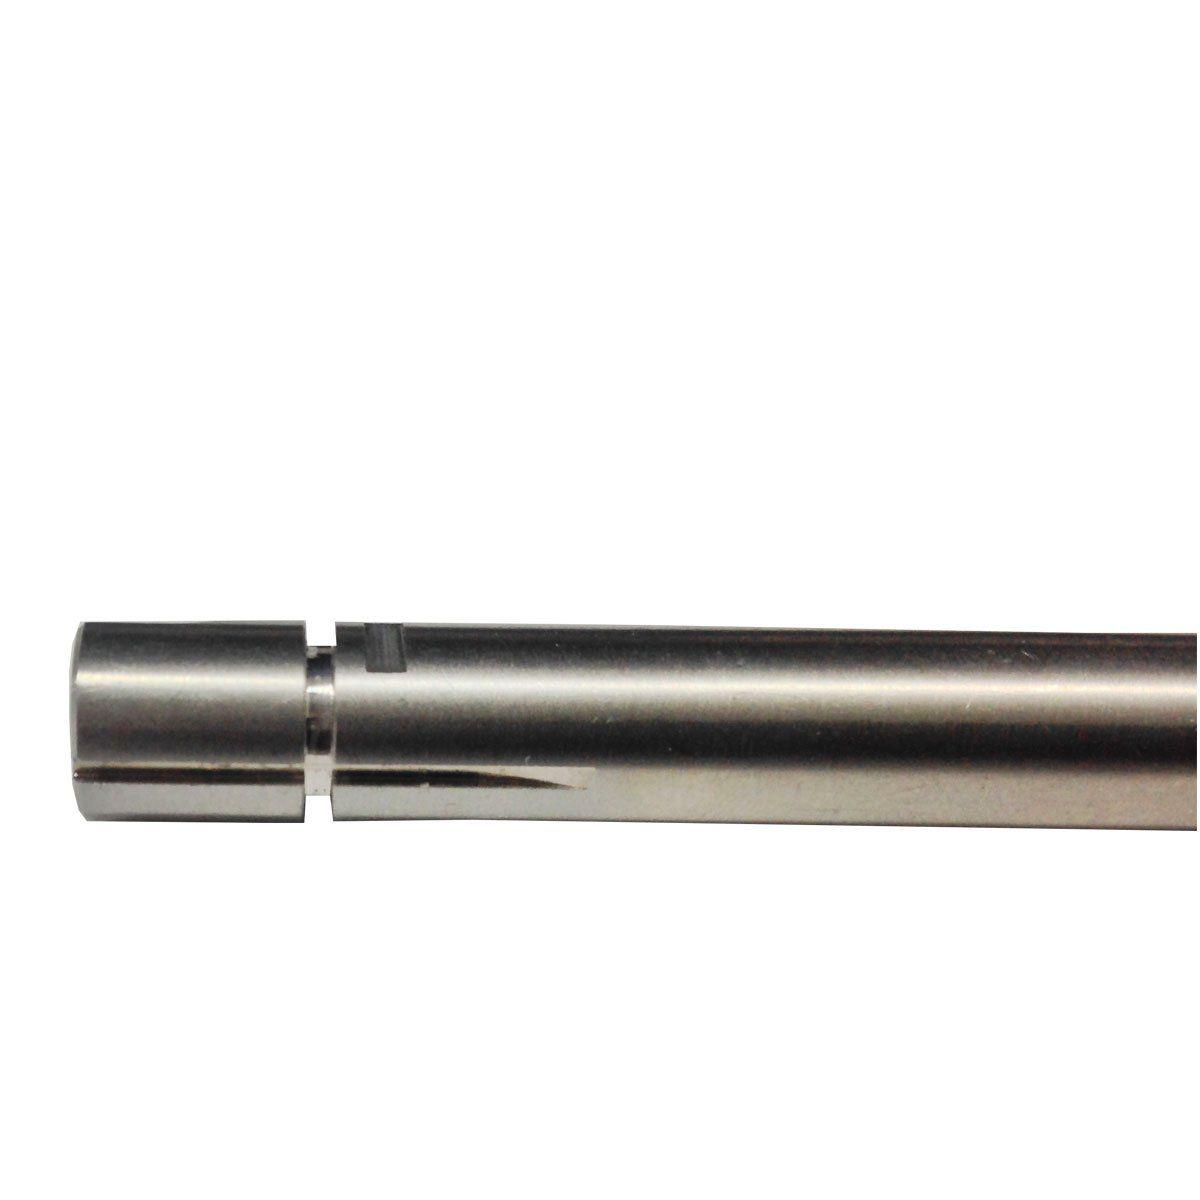 Cano de Precisão em Aço Inox para Pistola 106mm 6.02mm